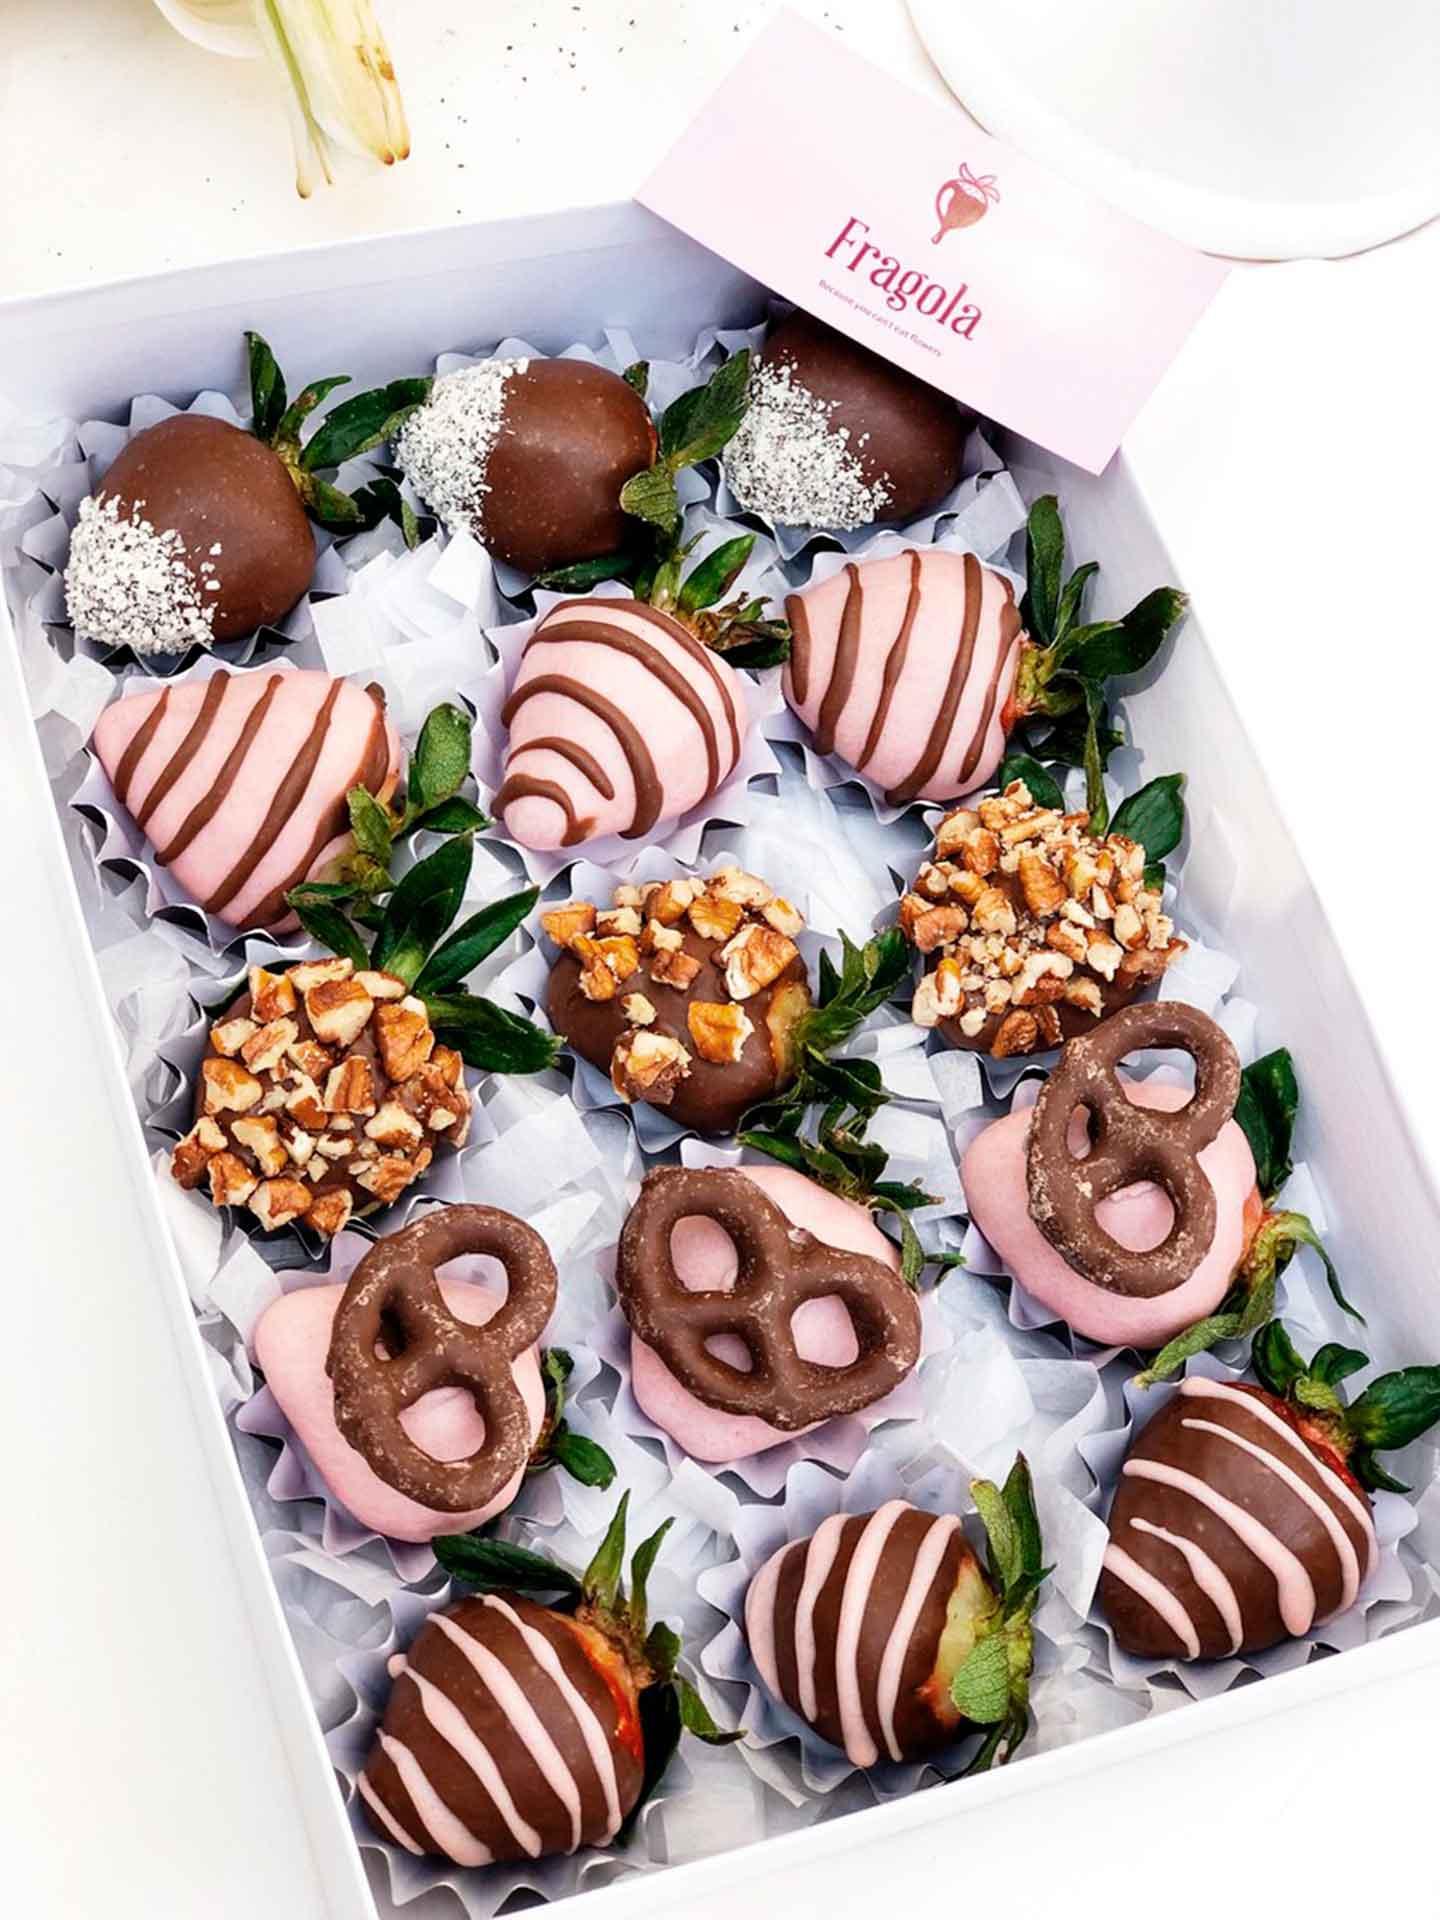 Artículos a domicilio fresas con chocolate